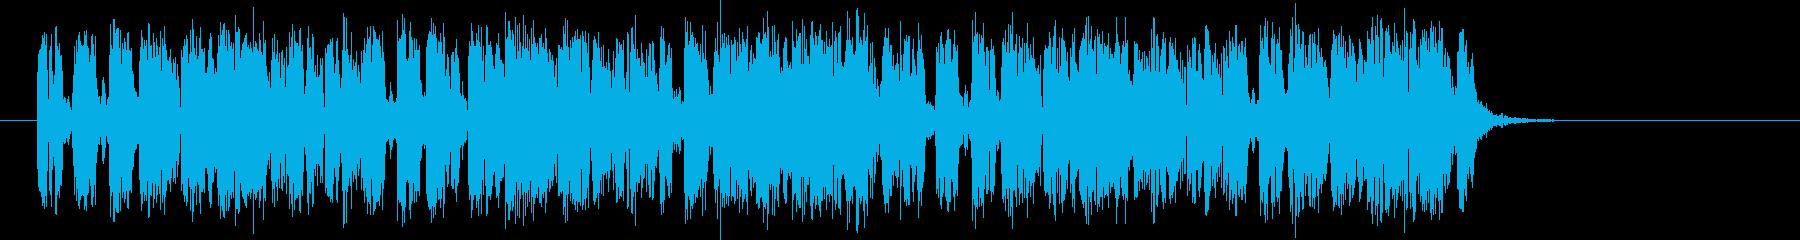 リズミカルで軽快なビートテクノジングルの再生済みの波形